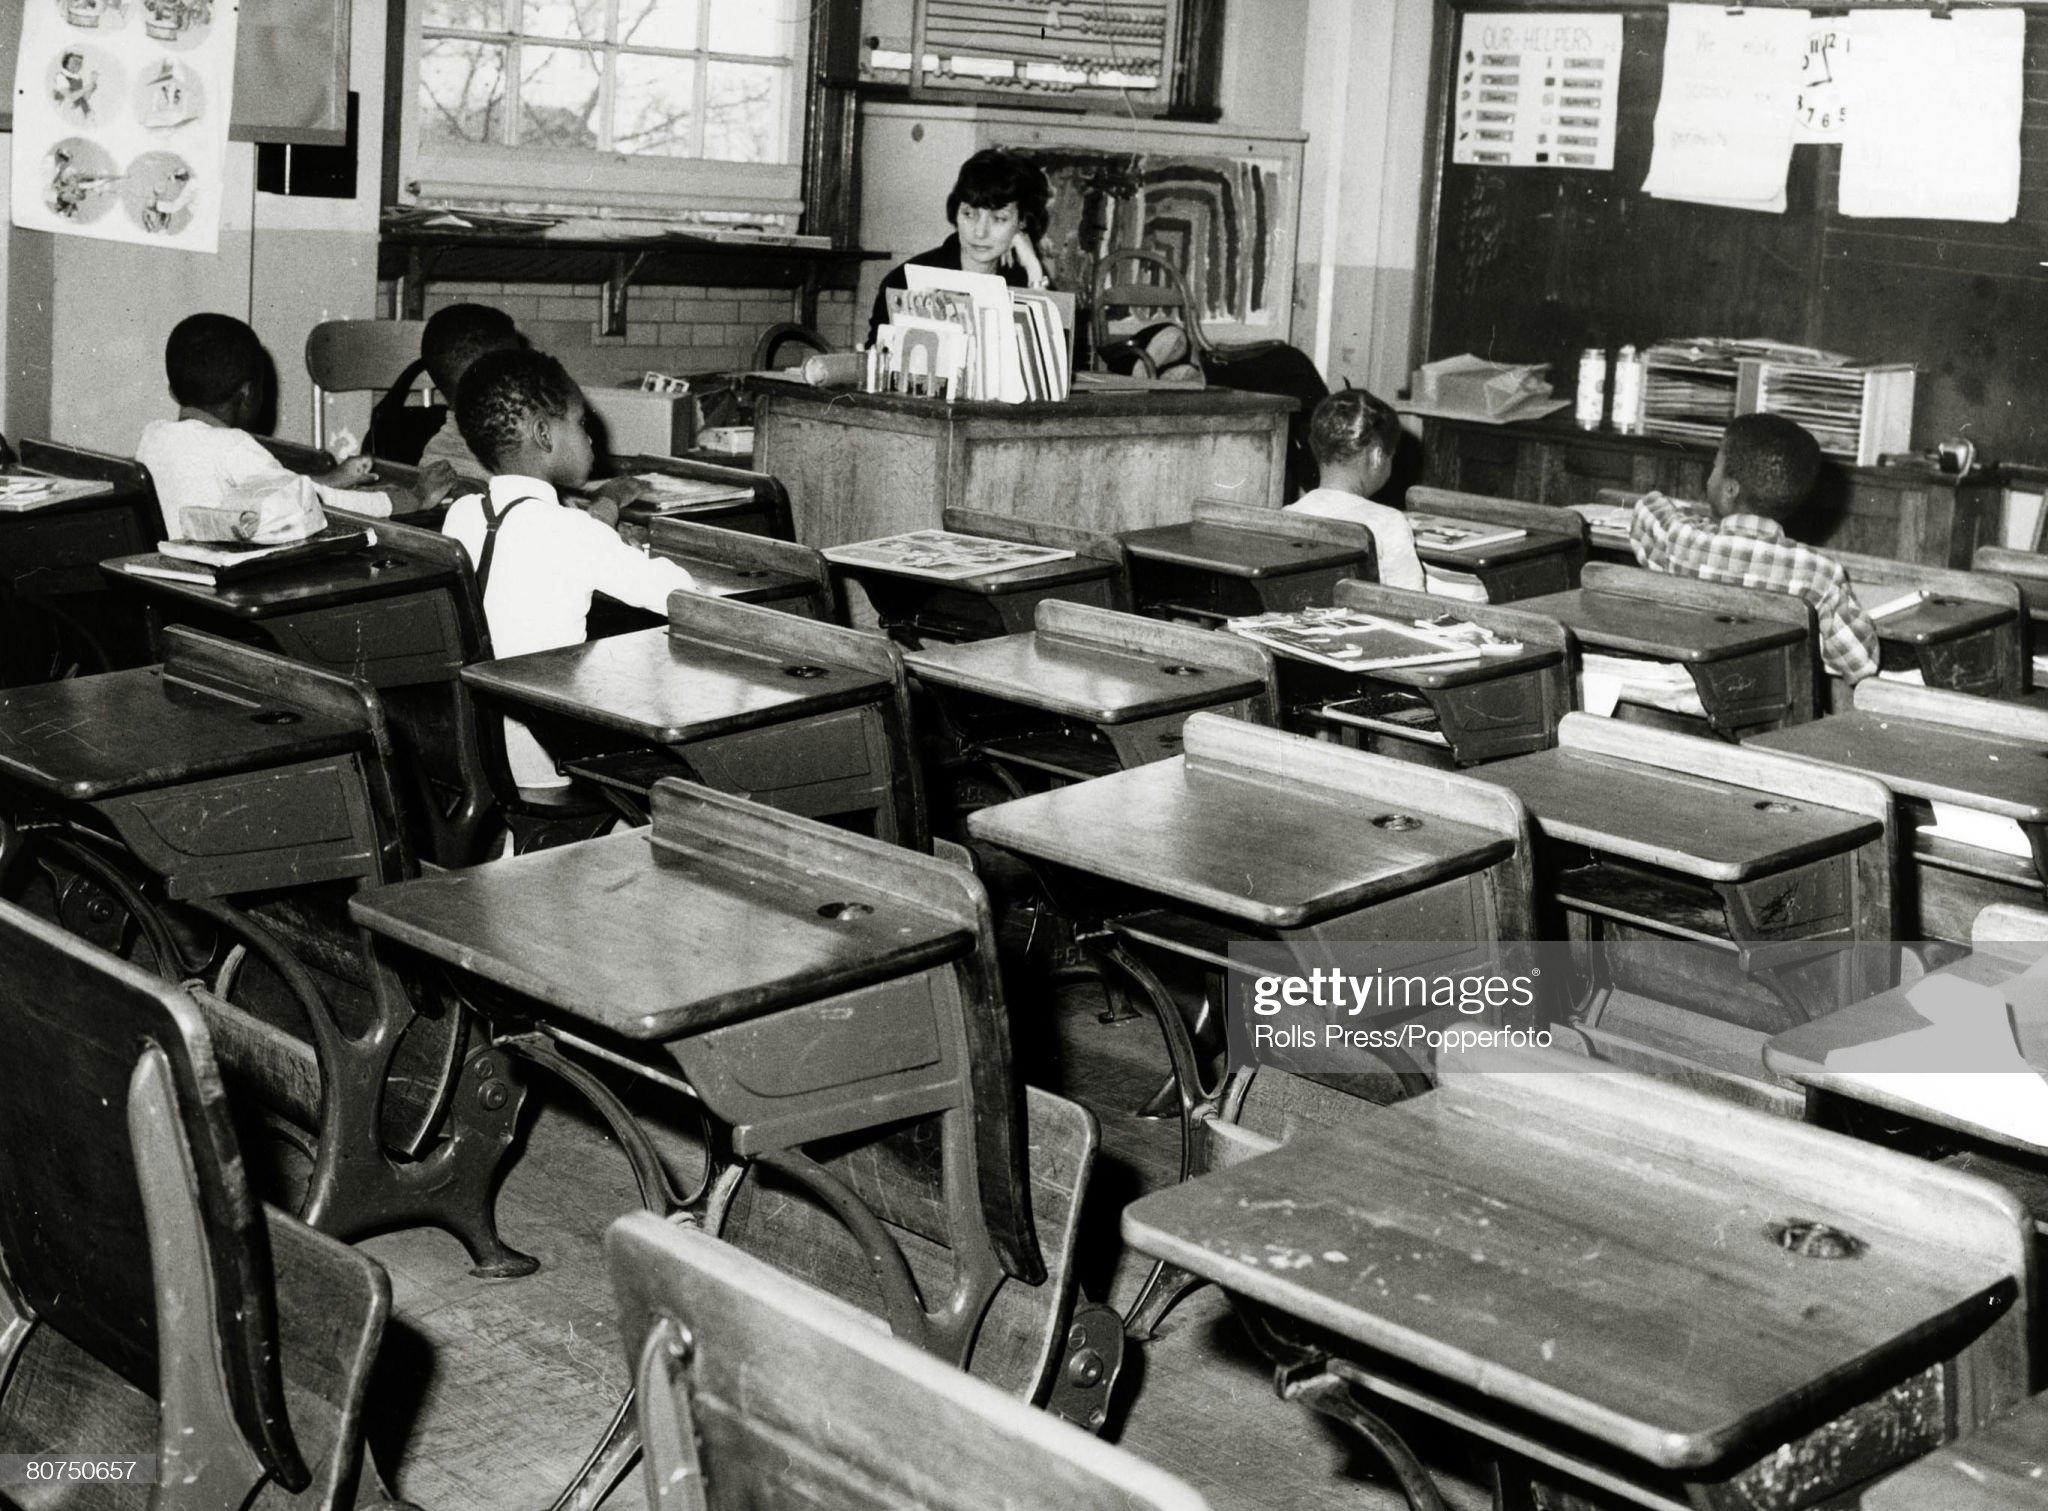 Segregácia vzdelávania, USA. pic: 1964. Queens, New York. Do integračného plánu bola zaradená takmer opustená trieda, do ktorej chodilo len 5 čiernych detí, po masívnom bojkote bielych po škole. : Novinky Foto